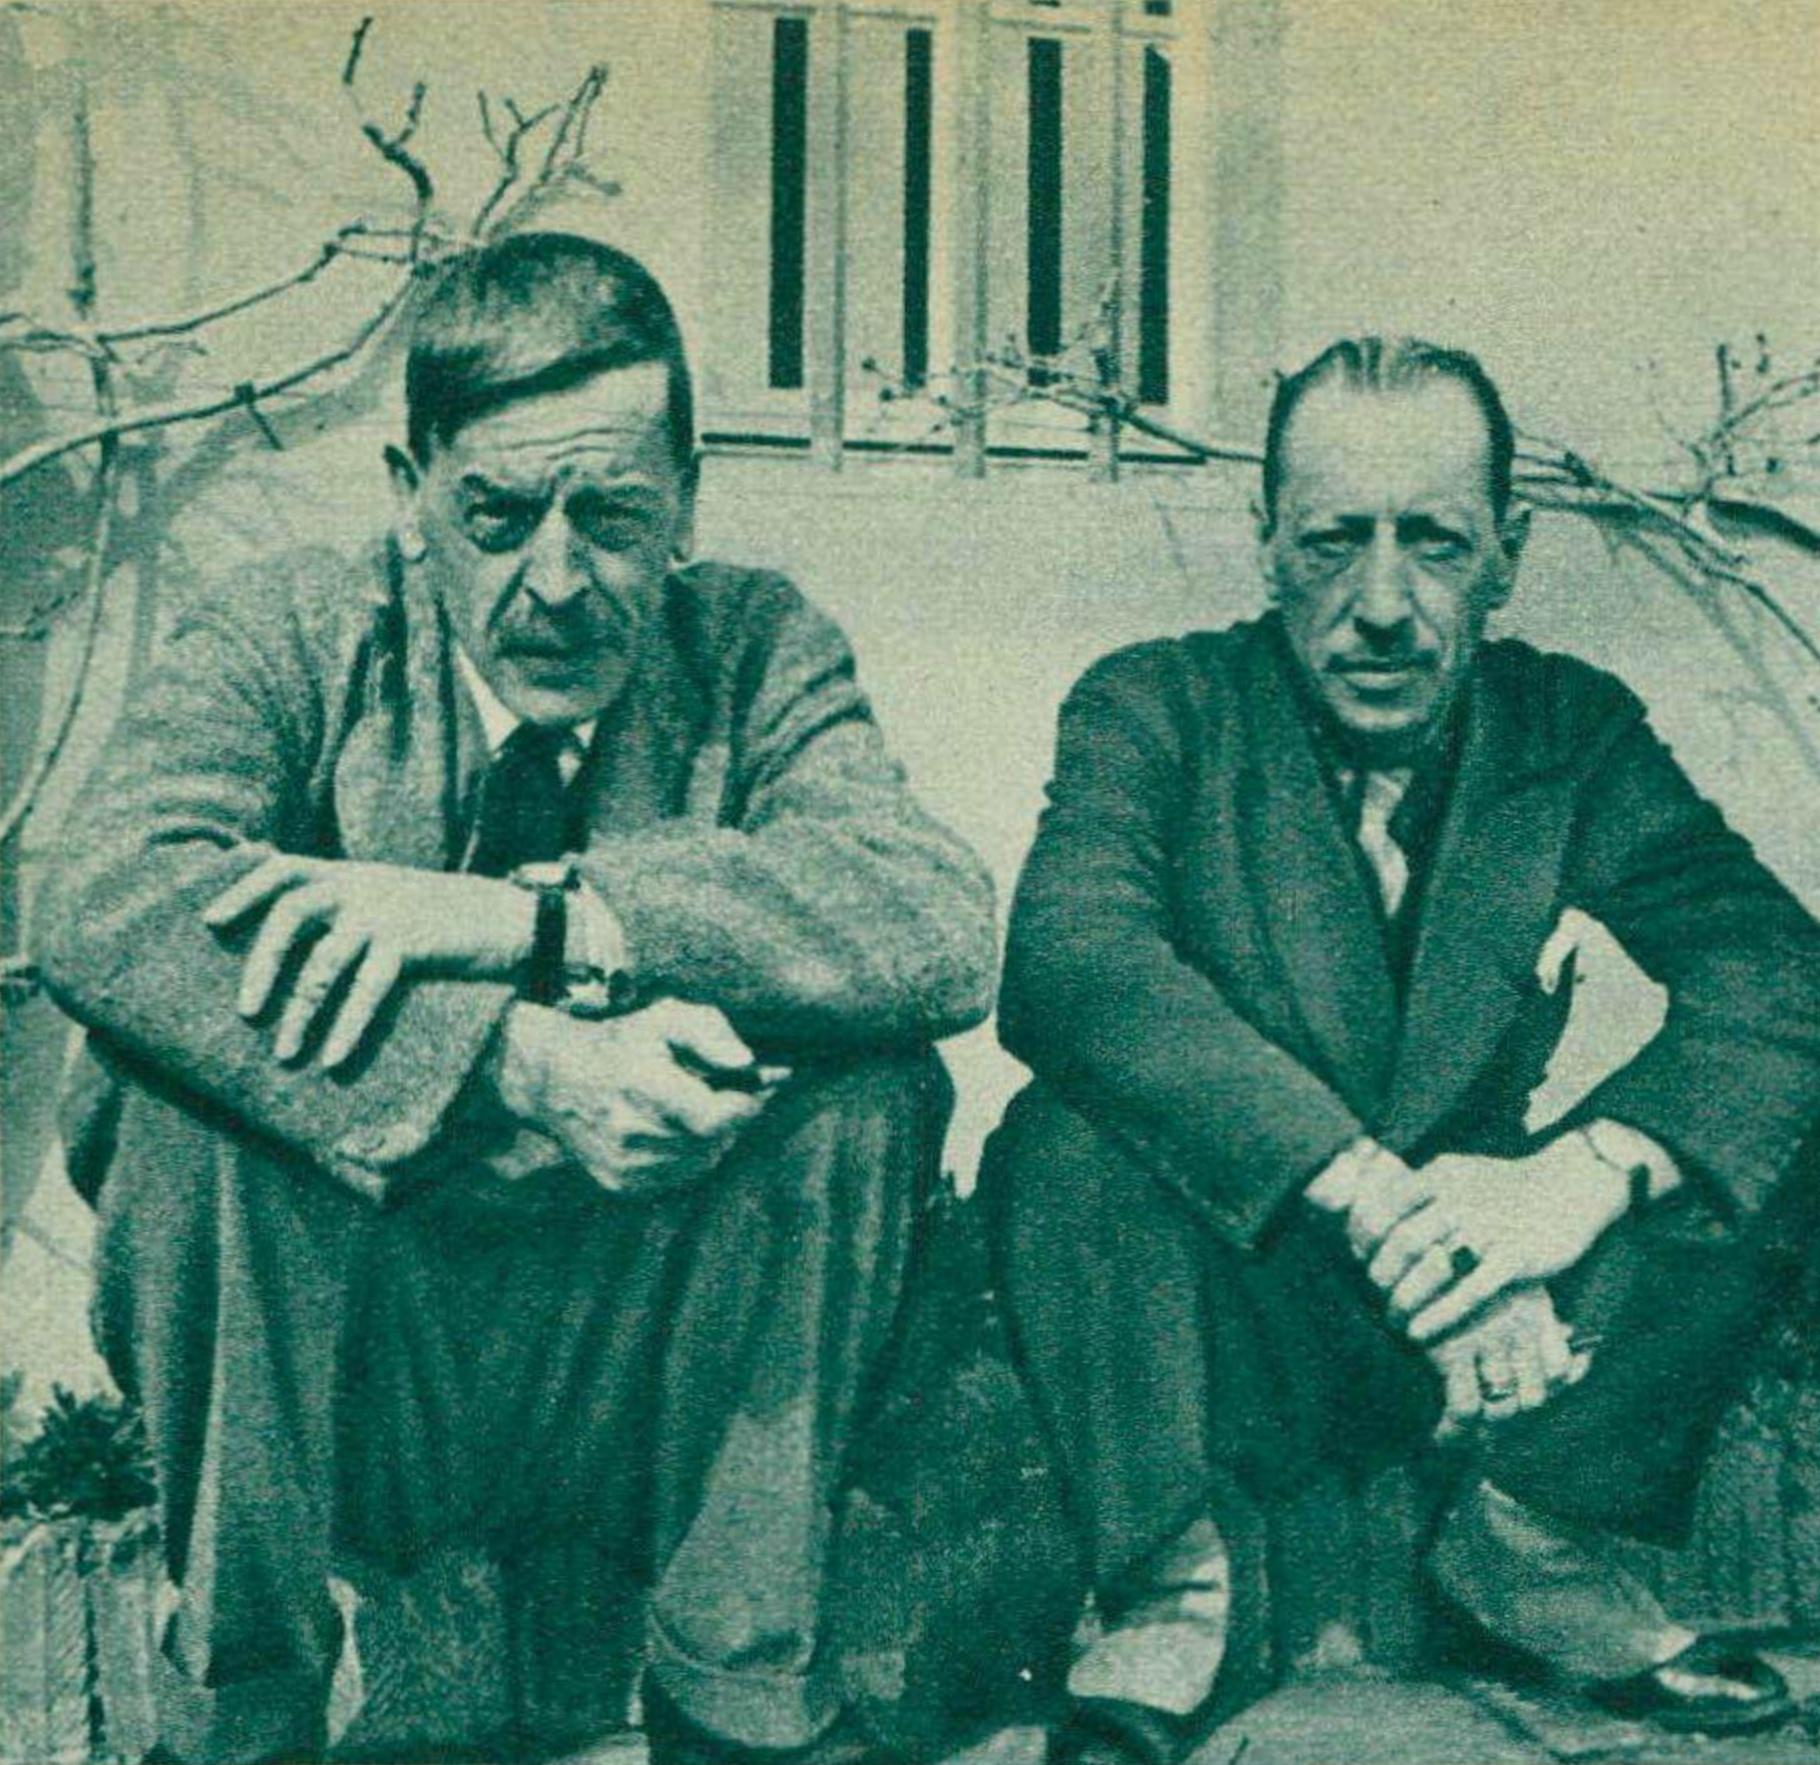 Charles Ferdinand RAMUZ et Igor Strawinski en 1934, une photo faite par ?? publiée dans la revue Le Radio du 19 janvier 1934, No 563, page 87